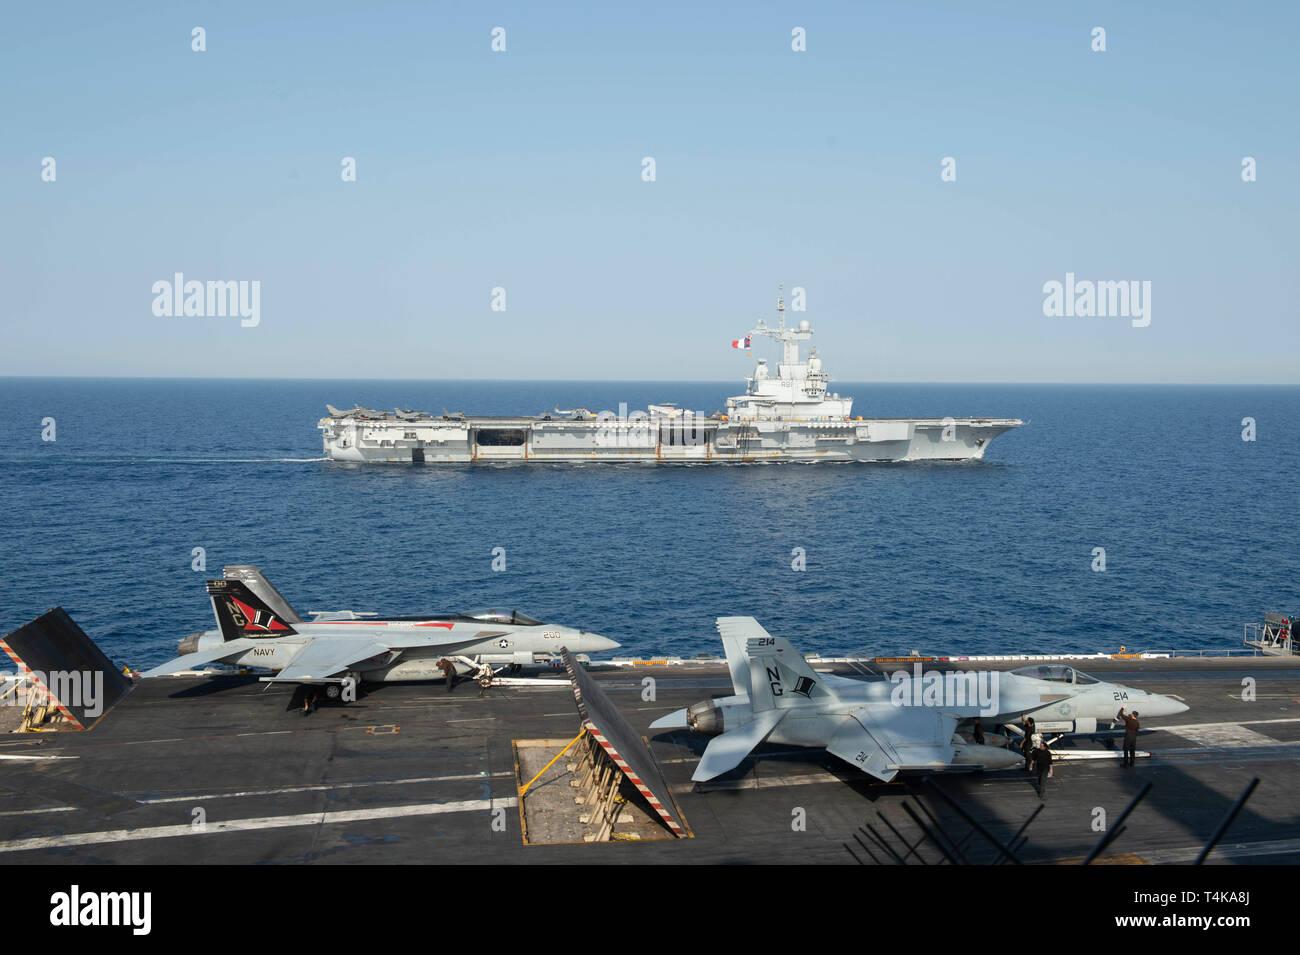 Le porte-avions de la Marine Nationale française FS Charles de Gaulle (F 91) voiles aux côtés du porte-avions USS JOHN C. STENNIS (CVN 74) dans la mer Rouge, le 15 avril 2019. Le John C. Stennis dans le groupe est déployé pour la 5e flotte américaine zone d'opérations à l'appui des opérations navales pour assurer la stabilité et la sécurité maritime dans la région Centrale, reliant la Méditerranée et le Pacifique à travers l'ouest de l'Océan indien et trois points d'étranglement stratégiques. (U.S. Photo par marine Spécialiste de la communication de masse Seaman Apprentice Jordanie Ripley) Photo Stock